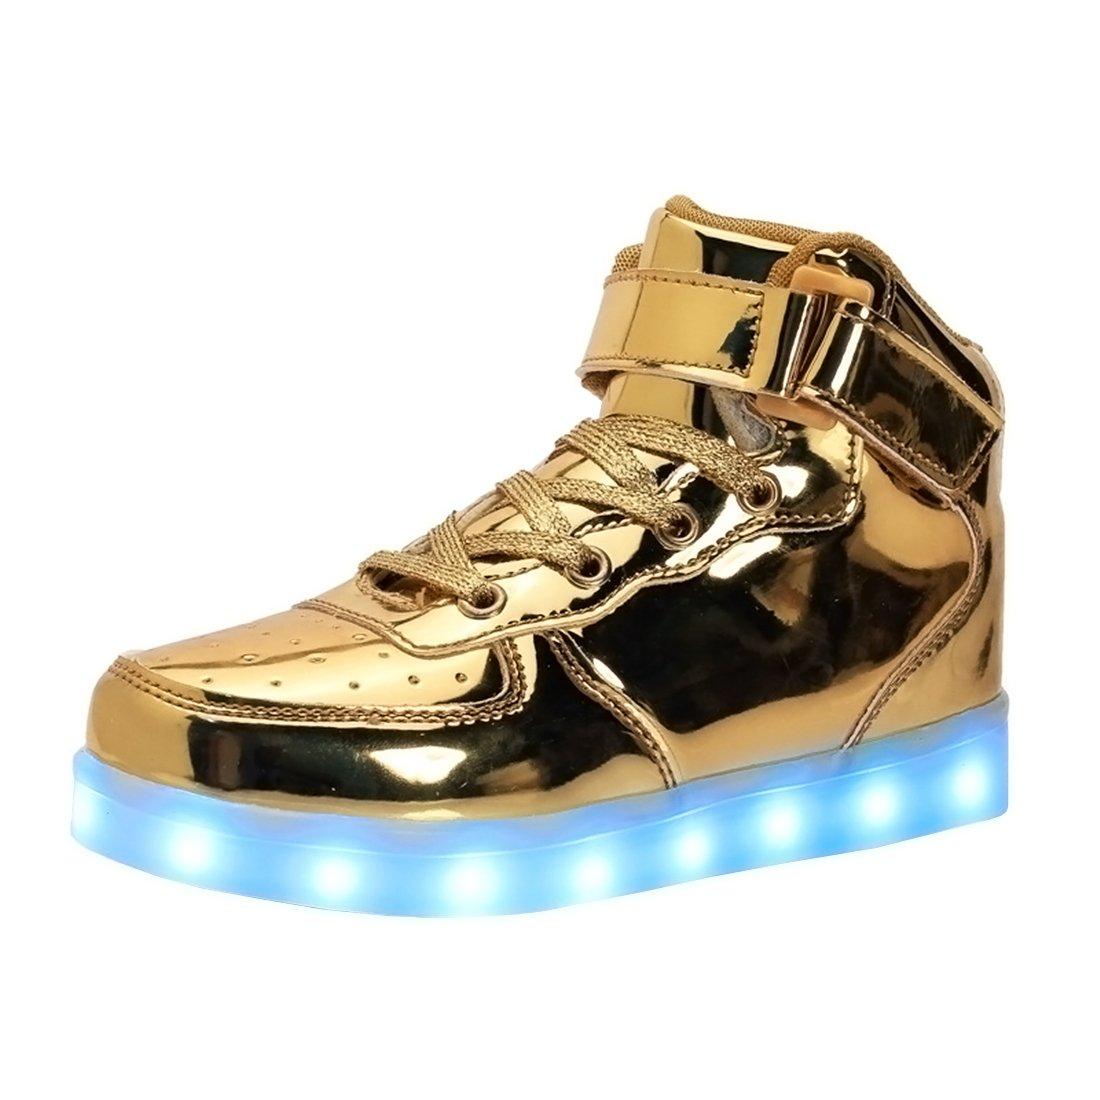 bevoker LED Chaussure Enfants Garçon Fille Haut Baskets de Sports 7 Couleurs Clignotants USB Rechargeable